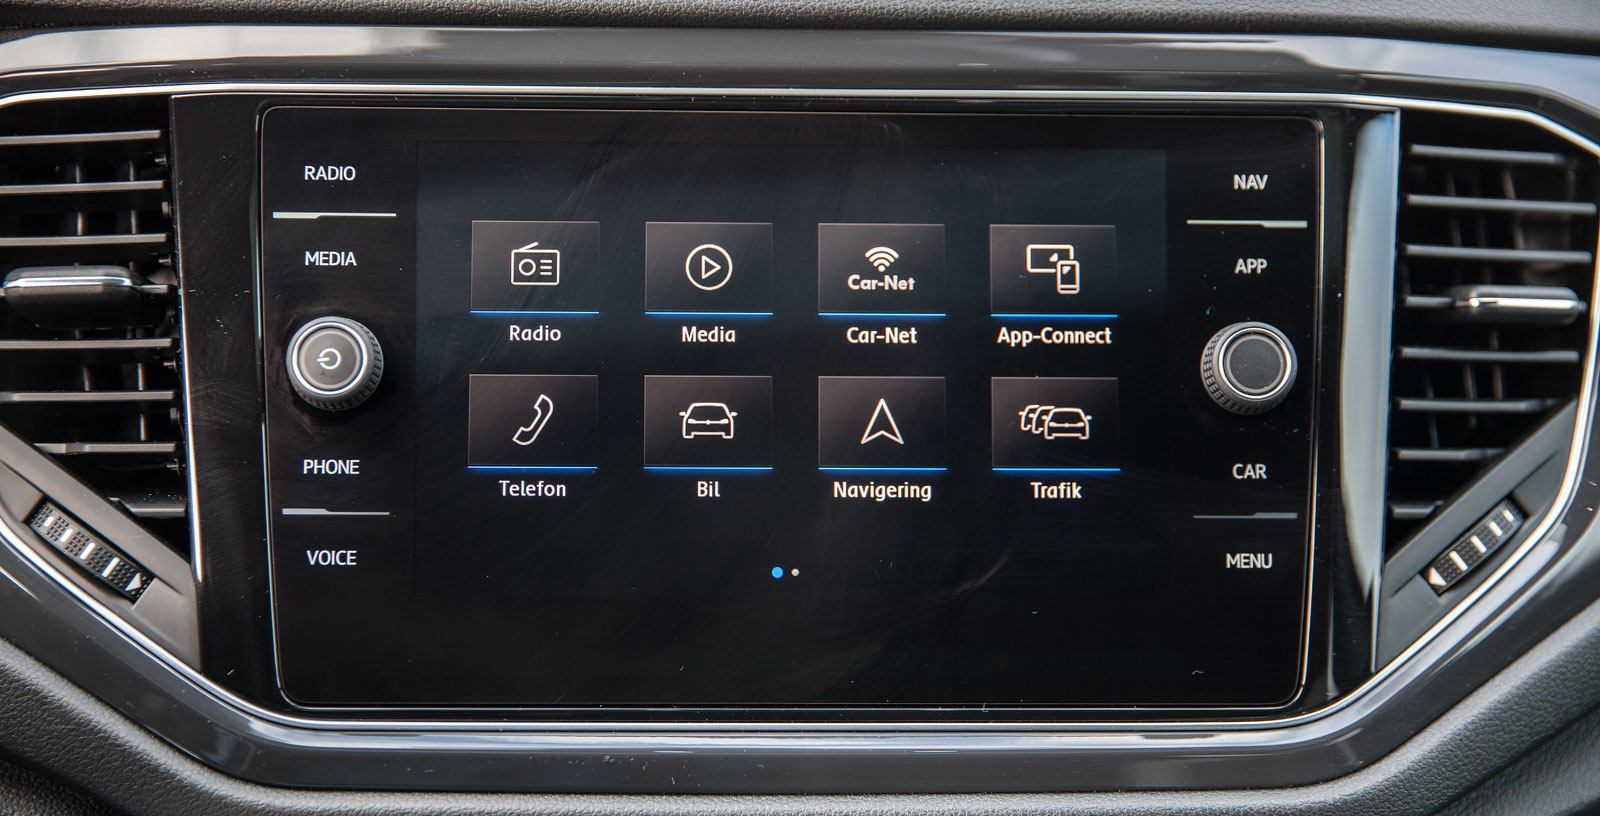 I T-Roc, liksom i många andra VW-modeller, finns en nyutvecklad skärm med enkel skötsel och bra blandning av pekfunktioner och knappar. Mycket bra grafik.